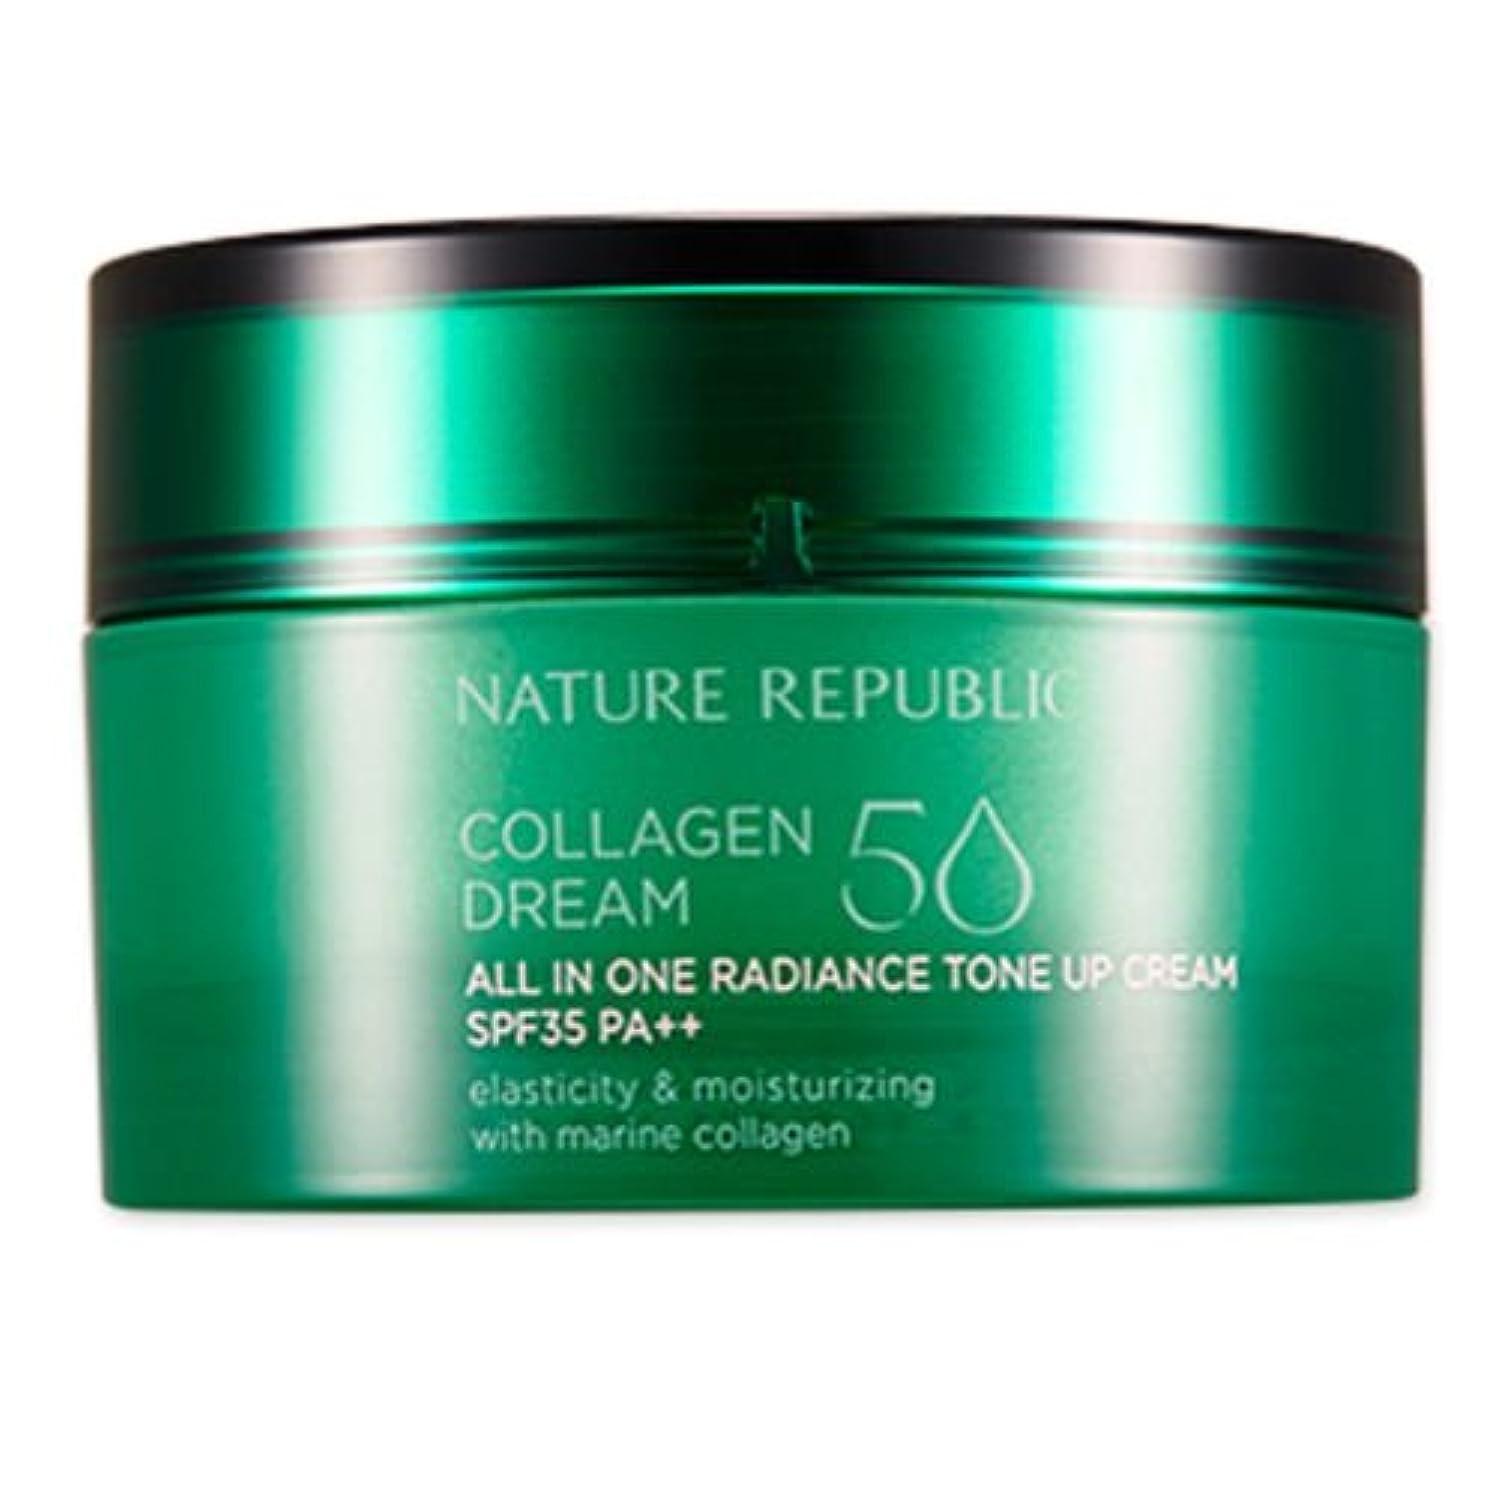 レザー異邦人便益NATURE REPUBLIC Collagen Dream 50 All-In-One Radiance Tone Up Cream(SPF35PA++) ネイチャーリパブリック [韓国コスメ ] コラーゲンドリーム50...